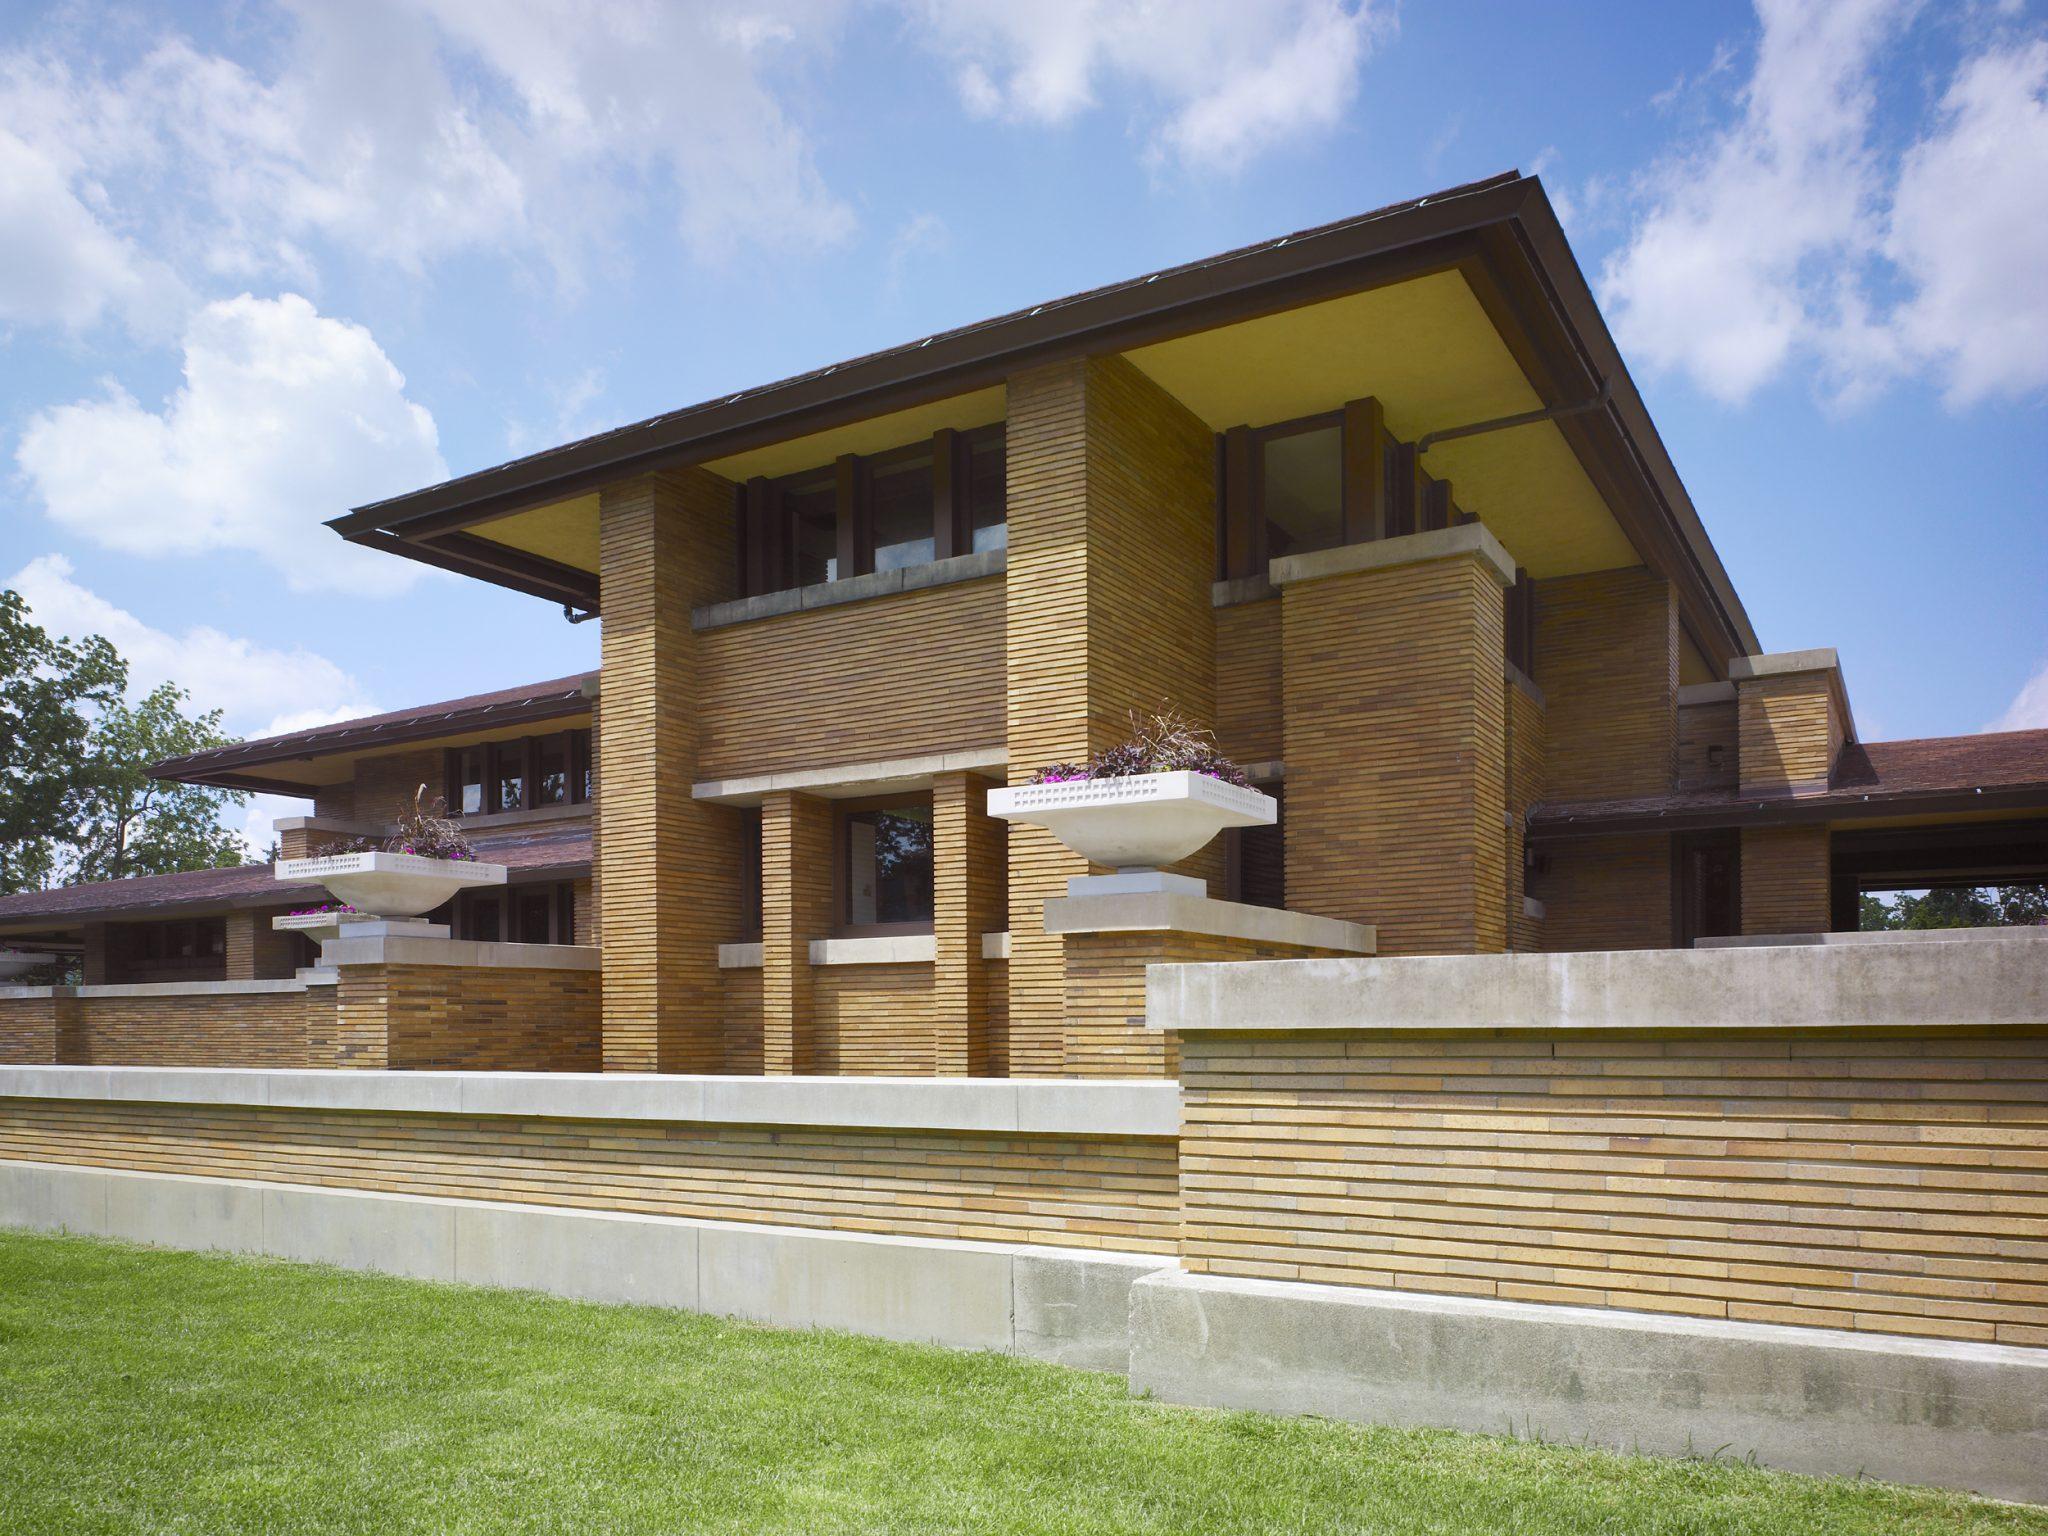 Hhl Architects Hamilton Houston Lownie Architects